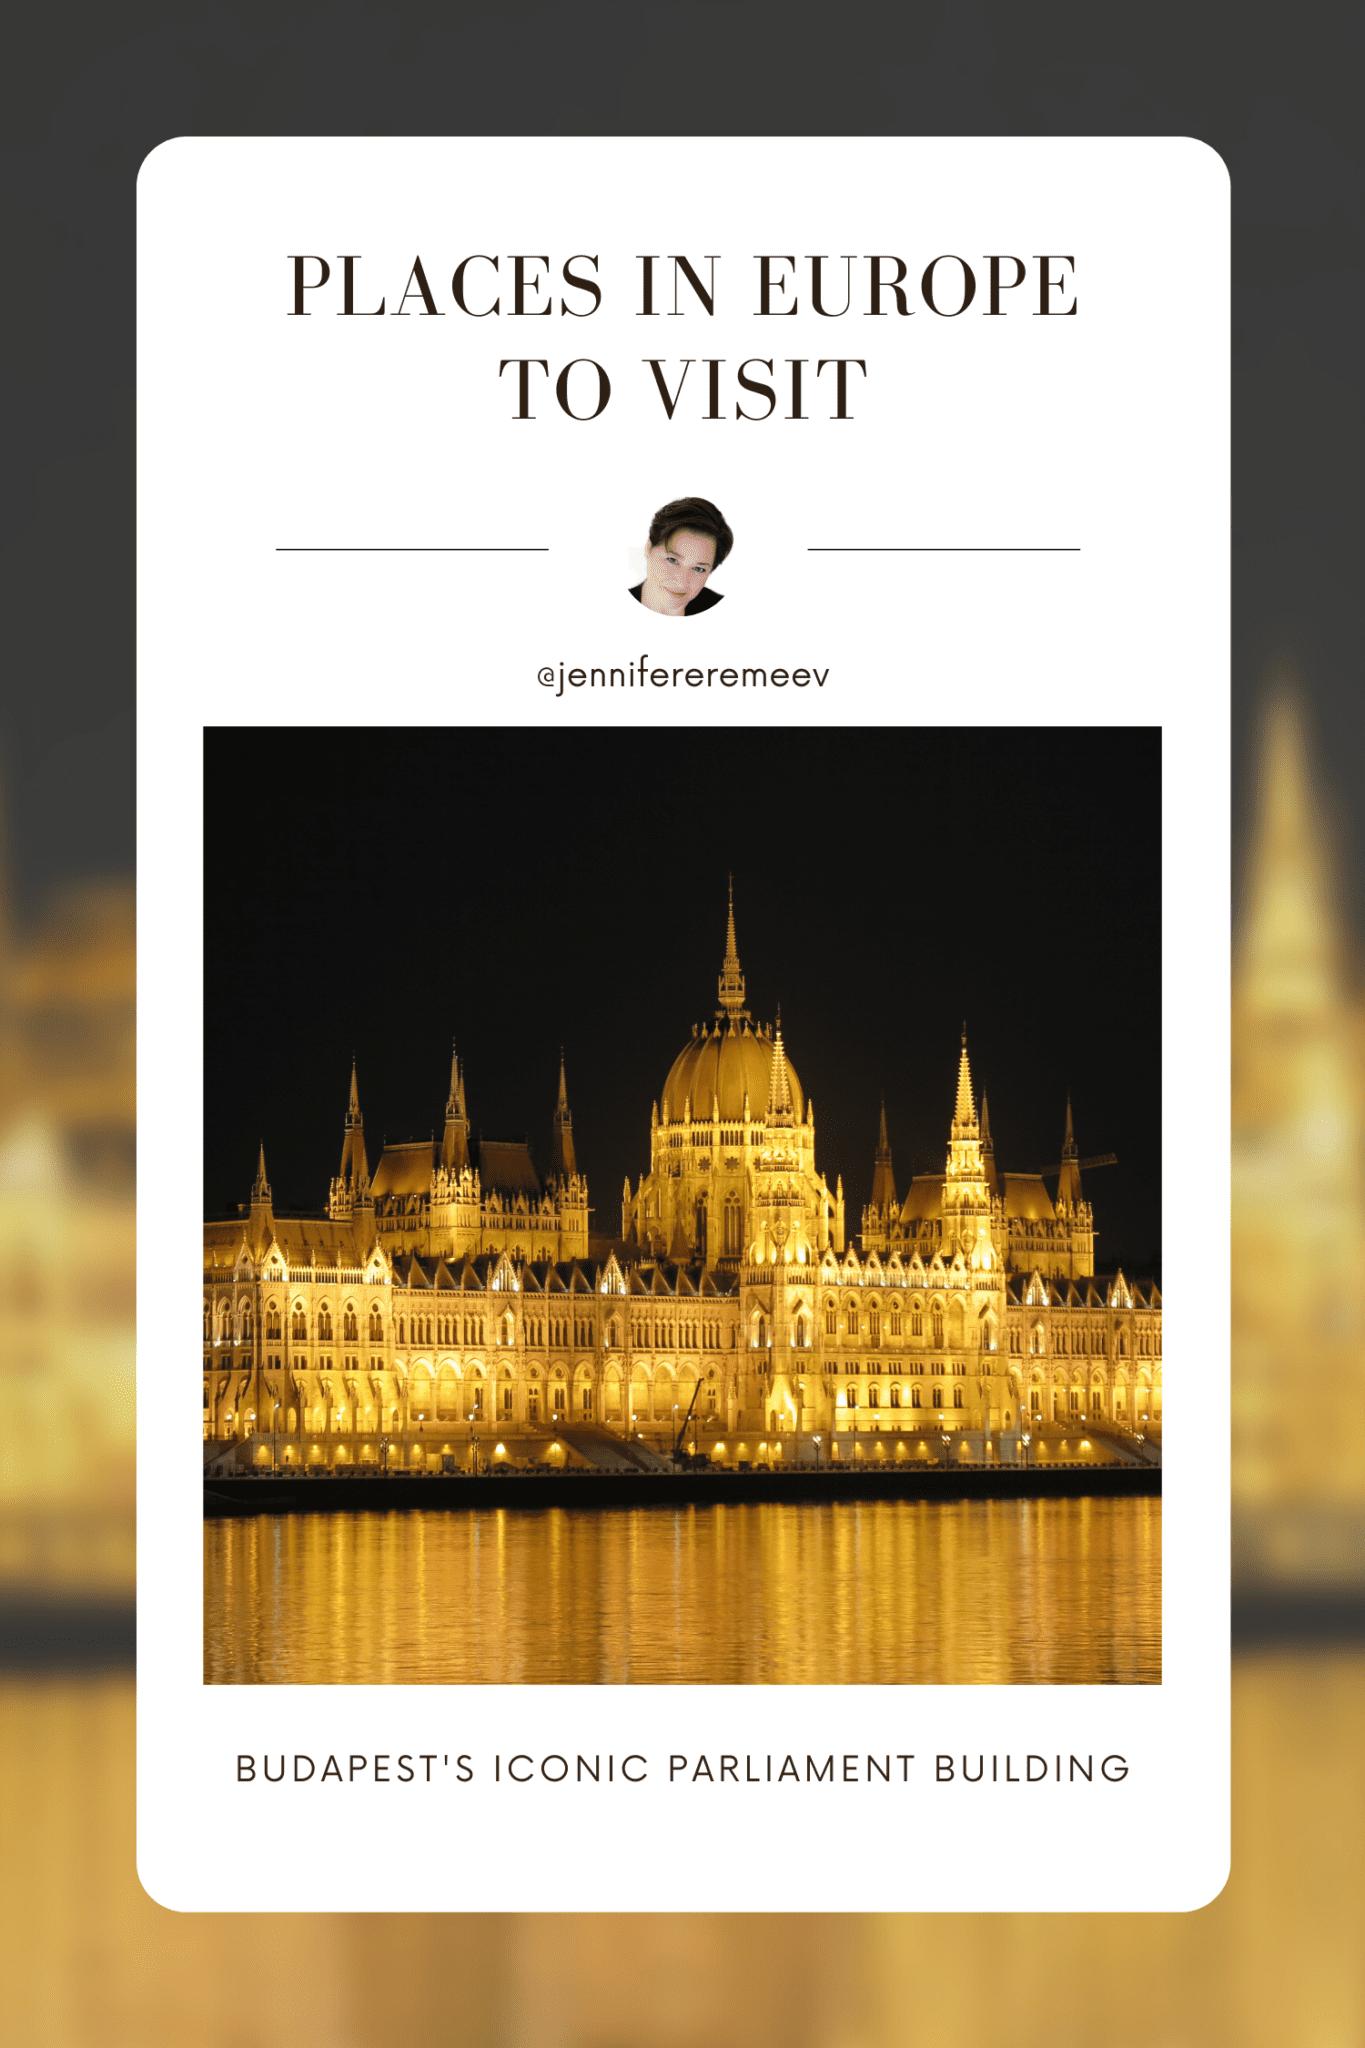 Budapest's Parliament Building